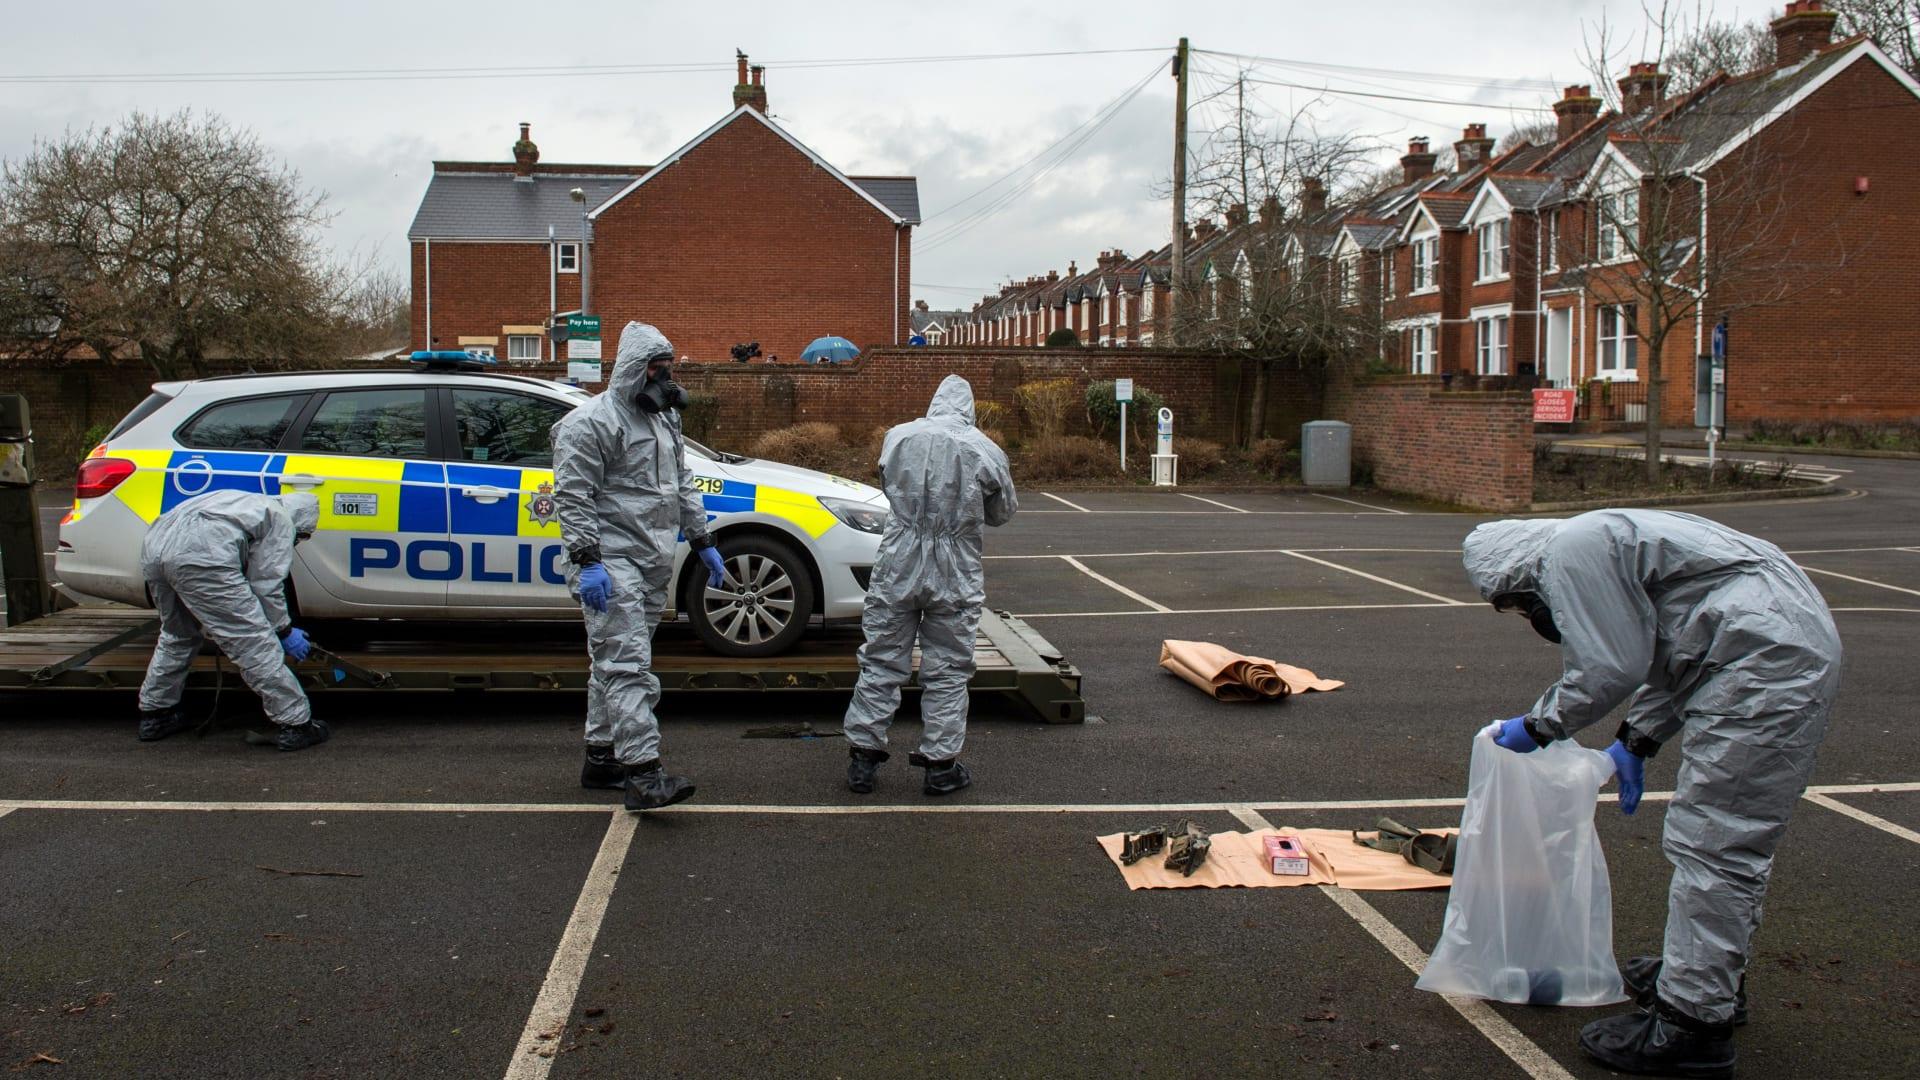 بريطانيا تكشف: الجاسوس الروسي تعرض لمحاولة قتل عمد بغاز أعصاب